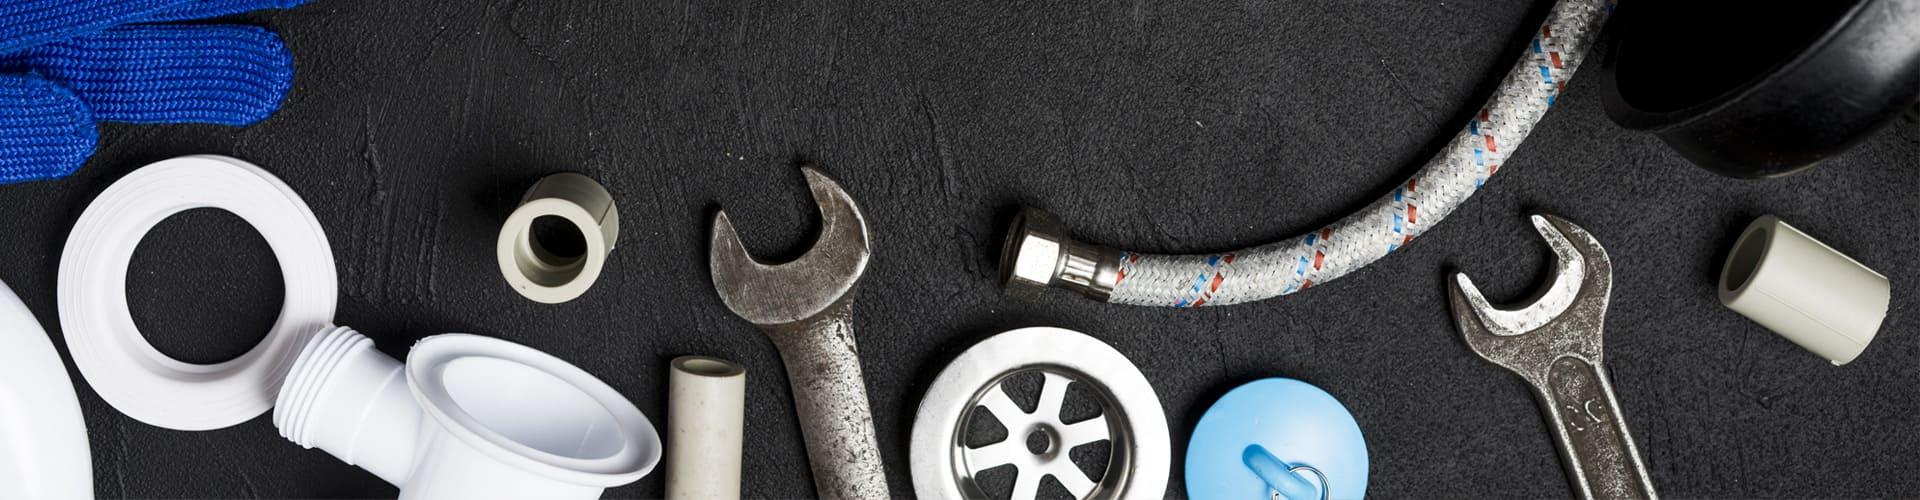 Pequeñas Reparaciones Hogar - RM Instalaciones Talavera